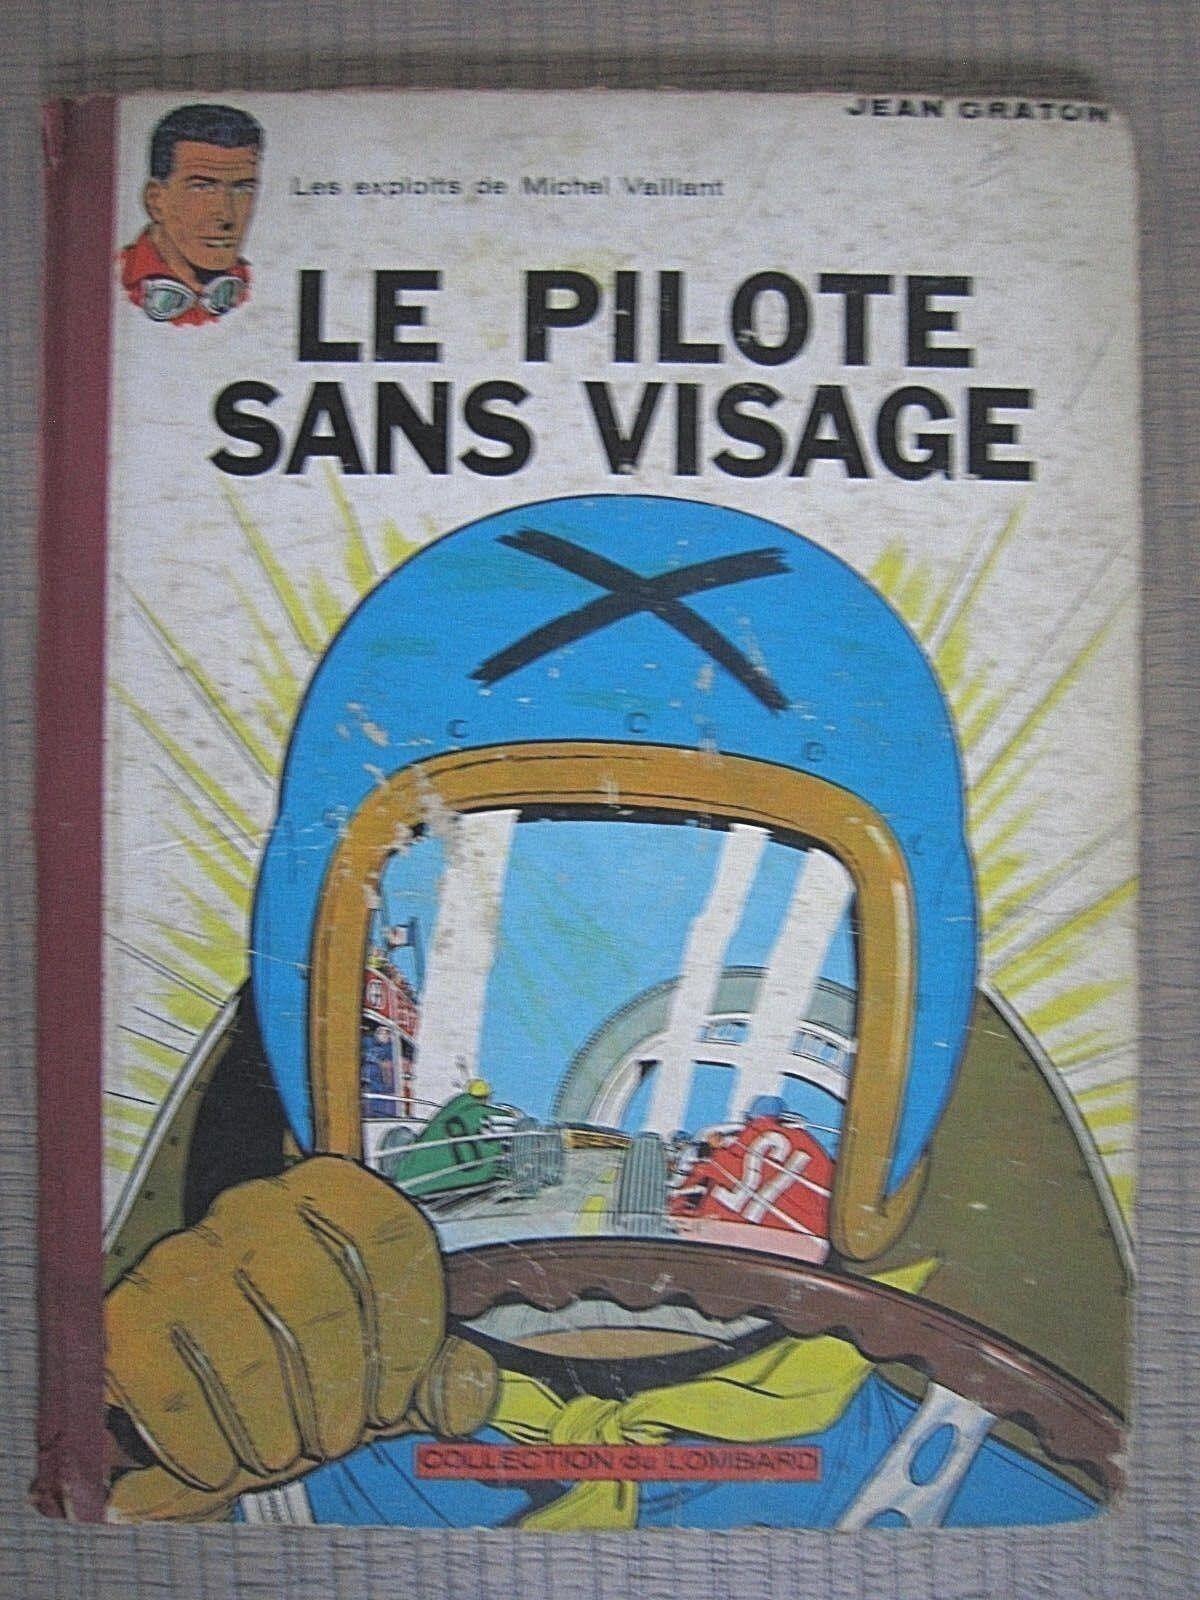 Michel Vaillant : le pilote sans visage - Edition 1962 - état Moyen voir photos